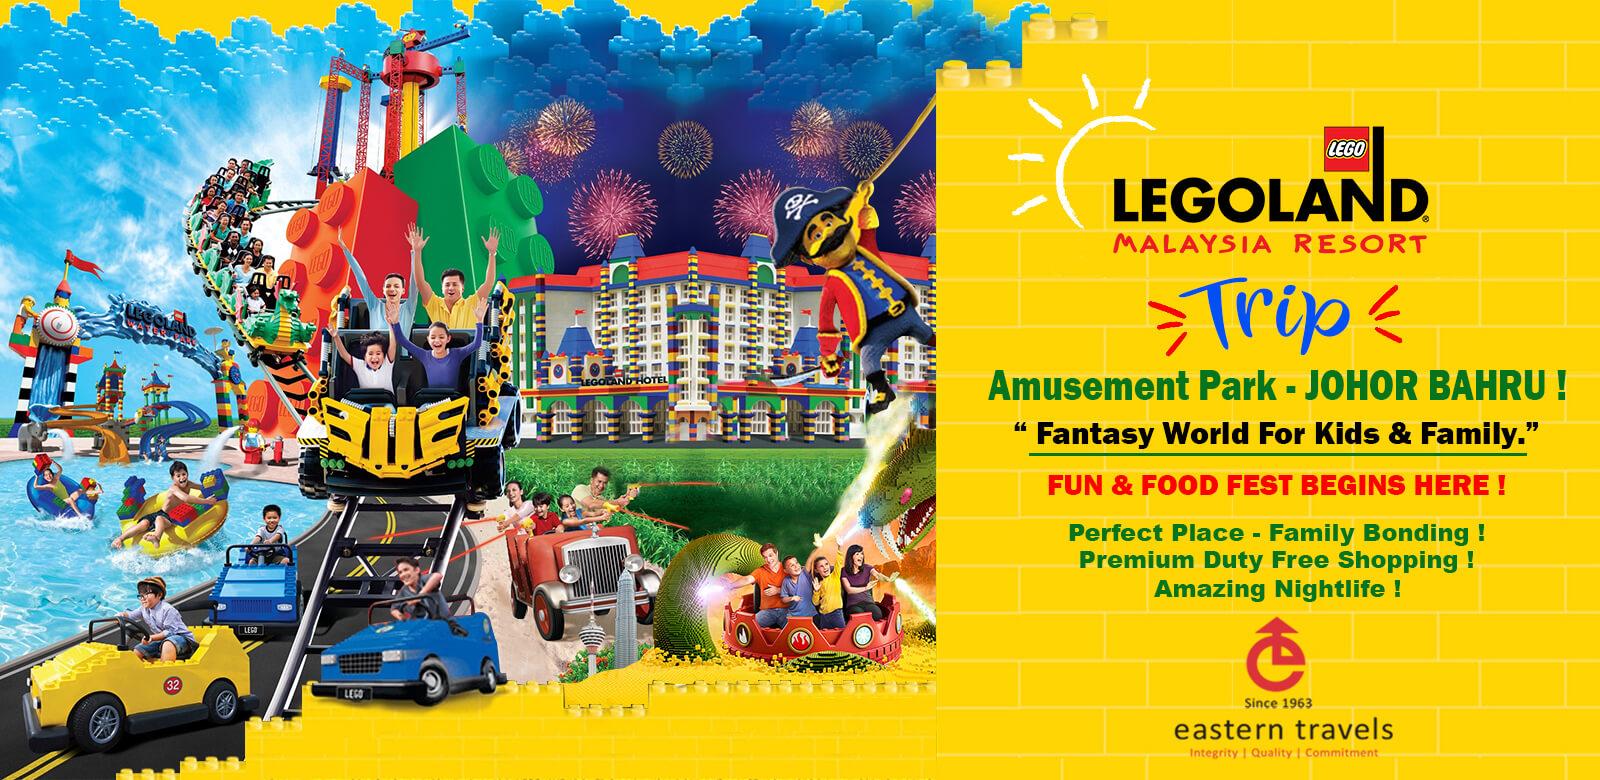 Malaysia - Lego Land